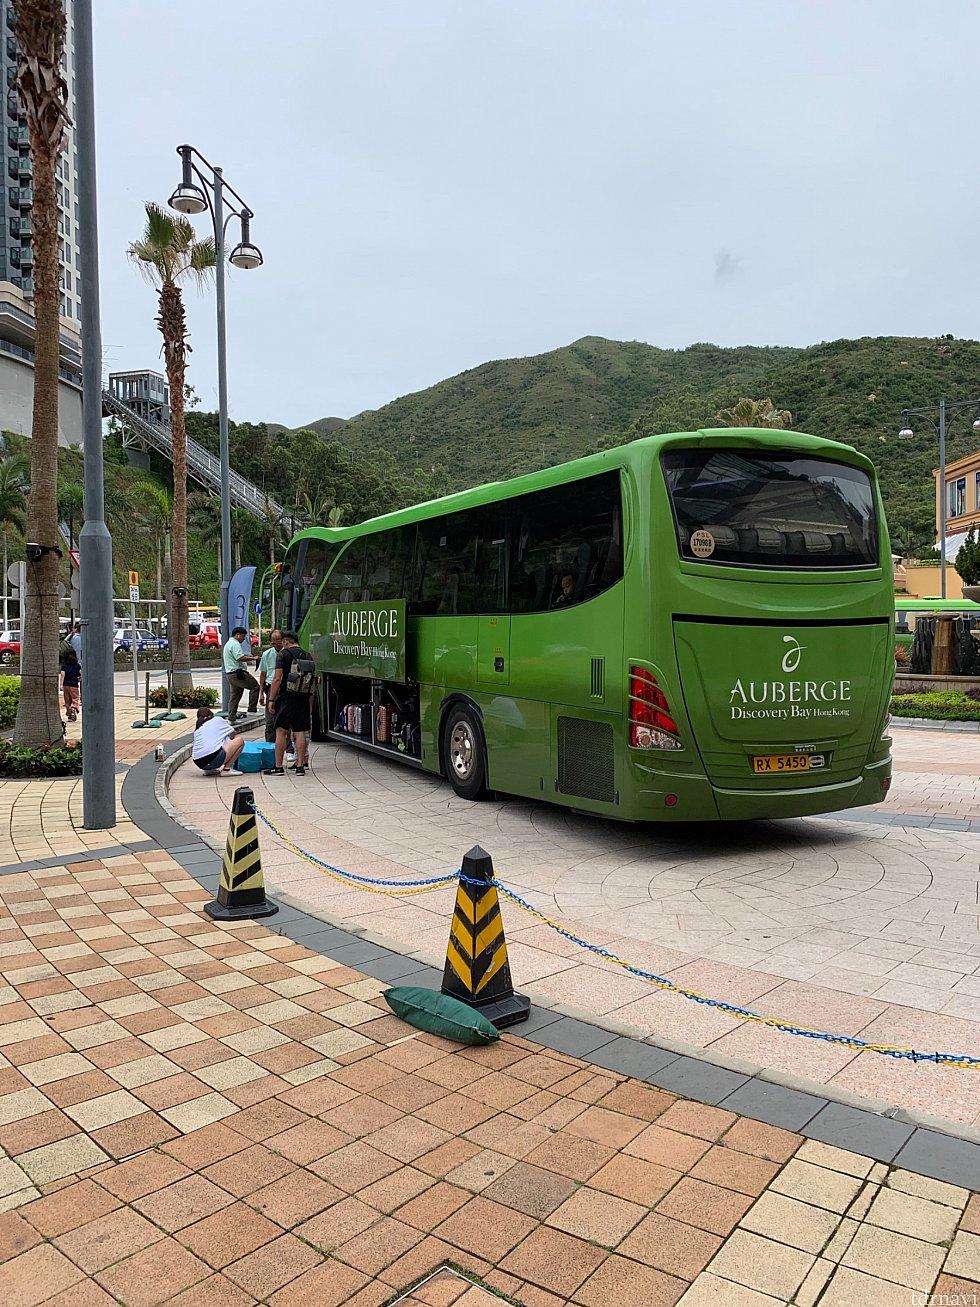 ちょうどパークへ行くバスがエントランスに停まってました。¥